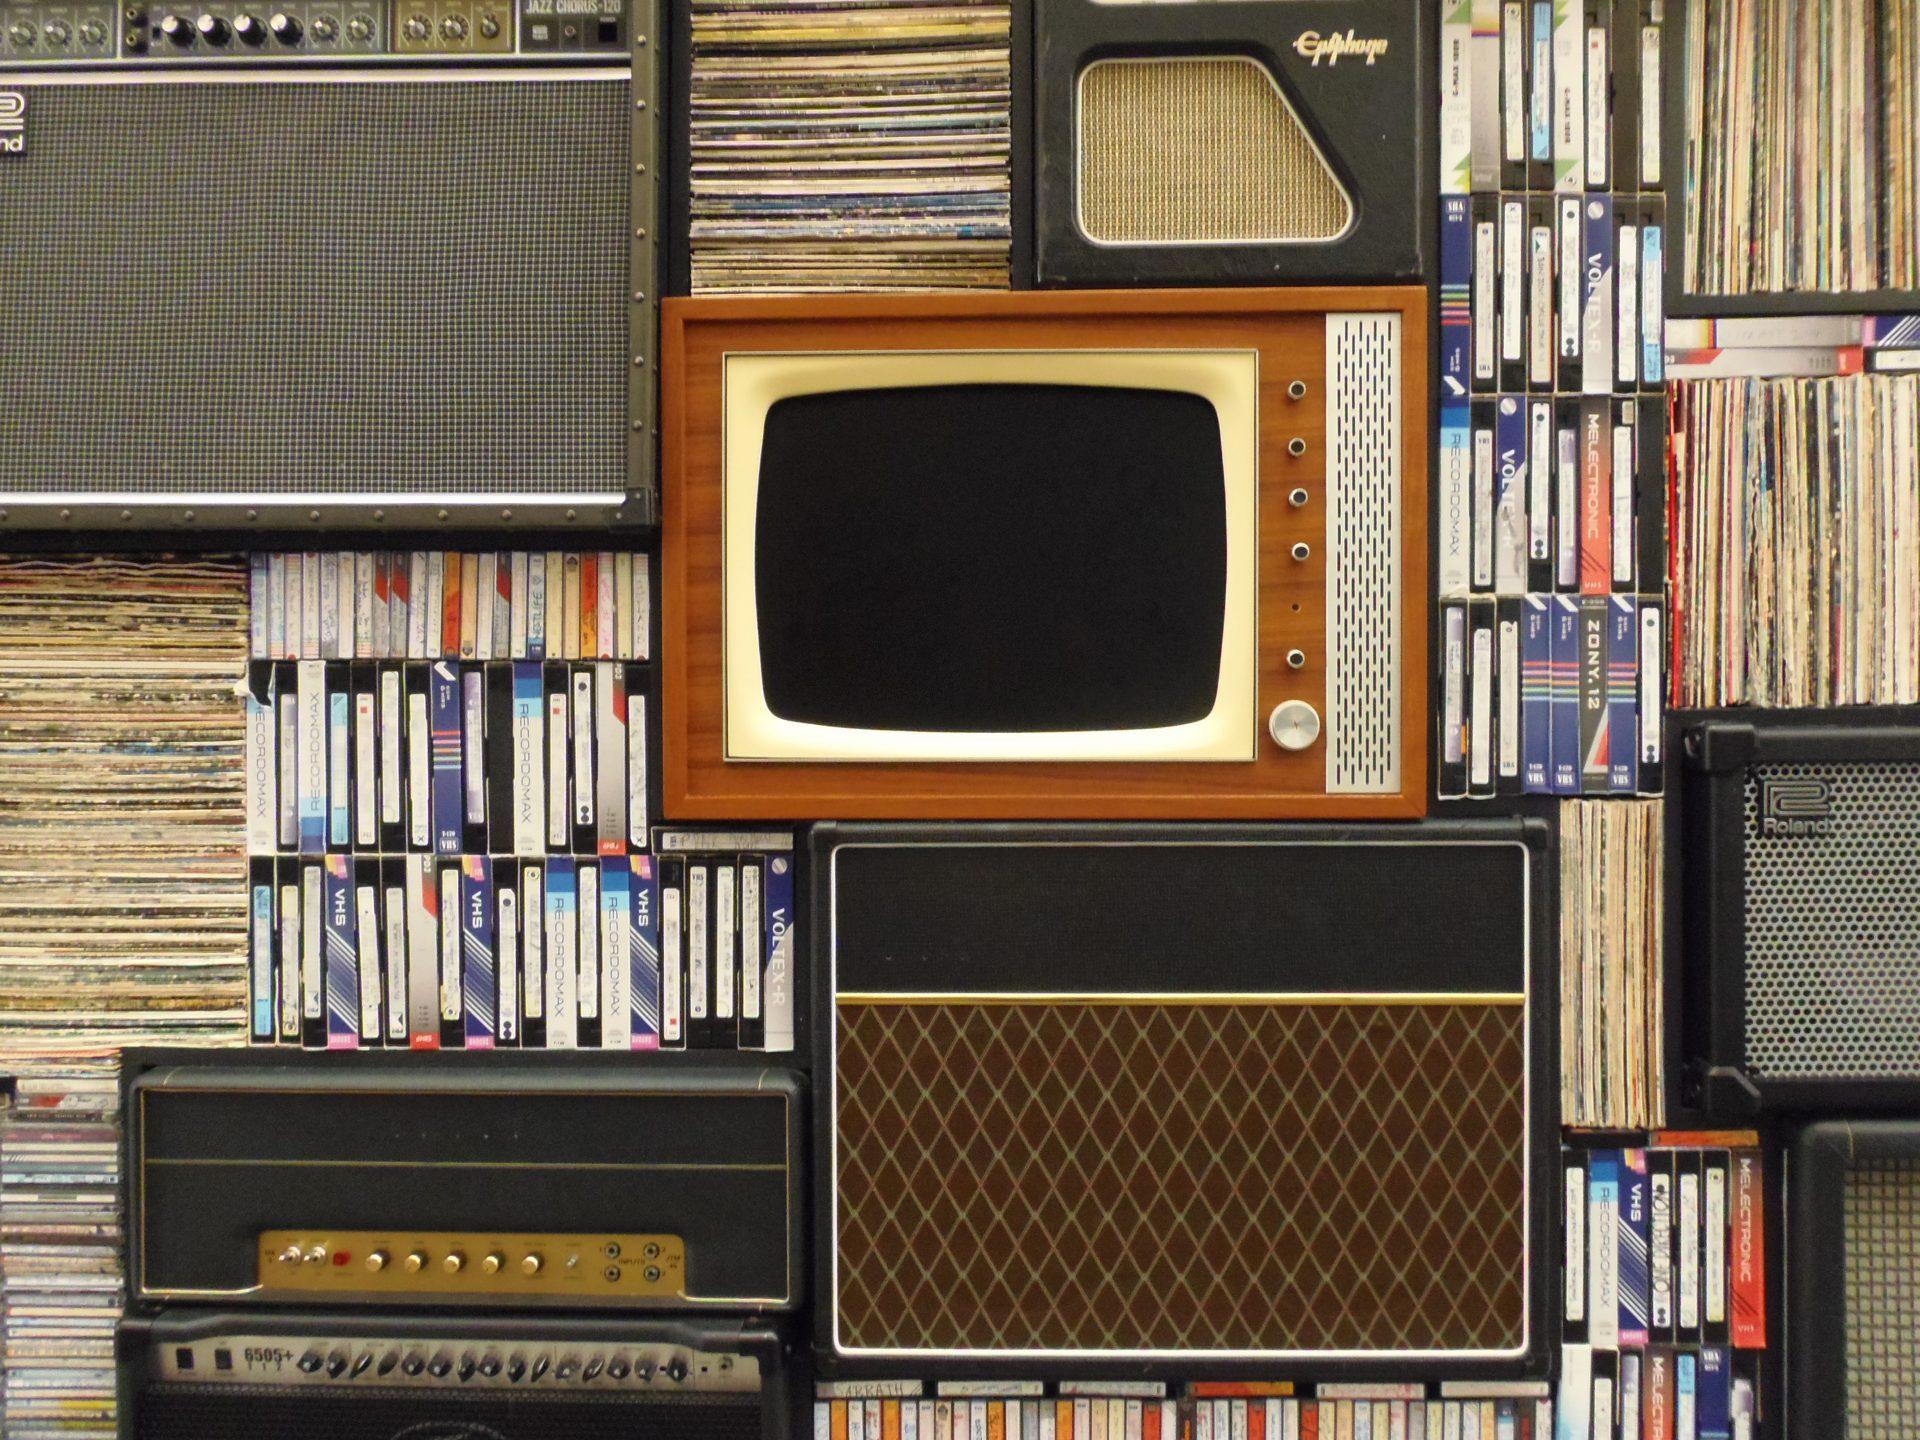 レコードとスピーカーの山に埋もれる古いブラウン管テレビの写真